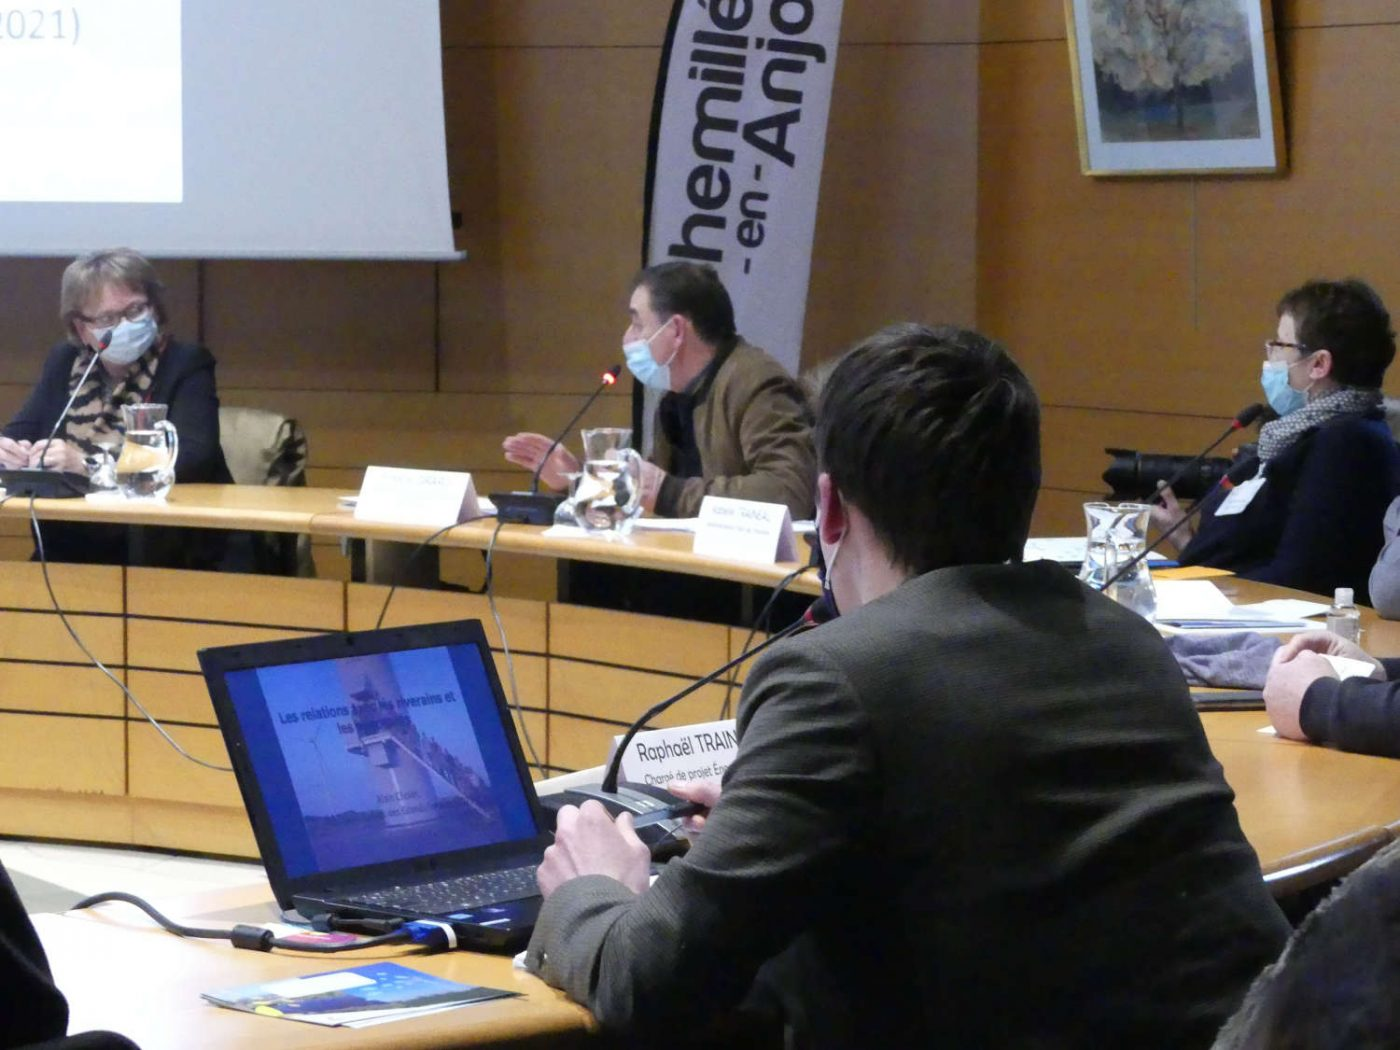 Raphaël Traineau d'Énergie Partagée expose nos propositions pour lever les obstacles à l'essor des projets citoyens d'énergie renouvelable.